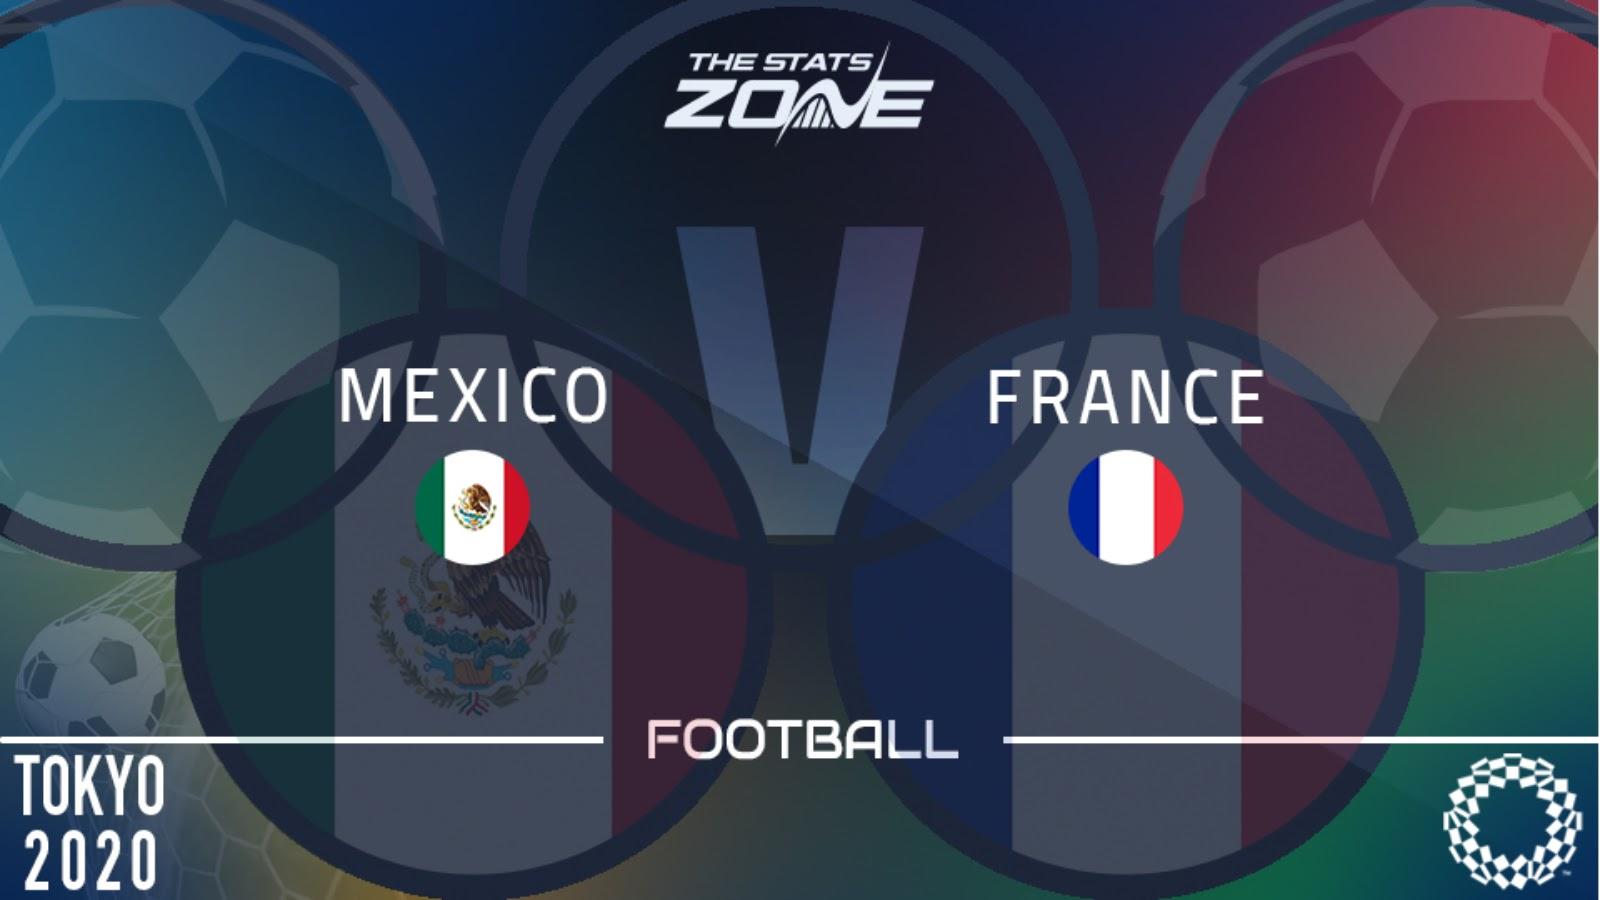 วิเคราะห์บอล โอลิมปิก 2020 - รอบแบ่งกลุ่ม กลุ่ม A เม็กซิโก U23 -vs- ฝรั่งเศส U23 เวลา 15.00